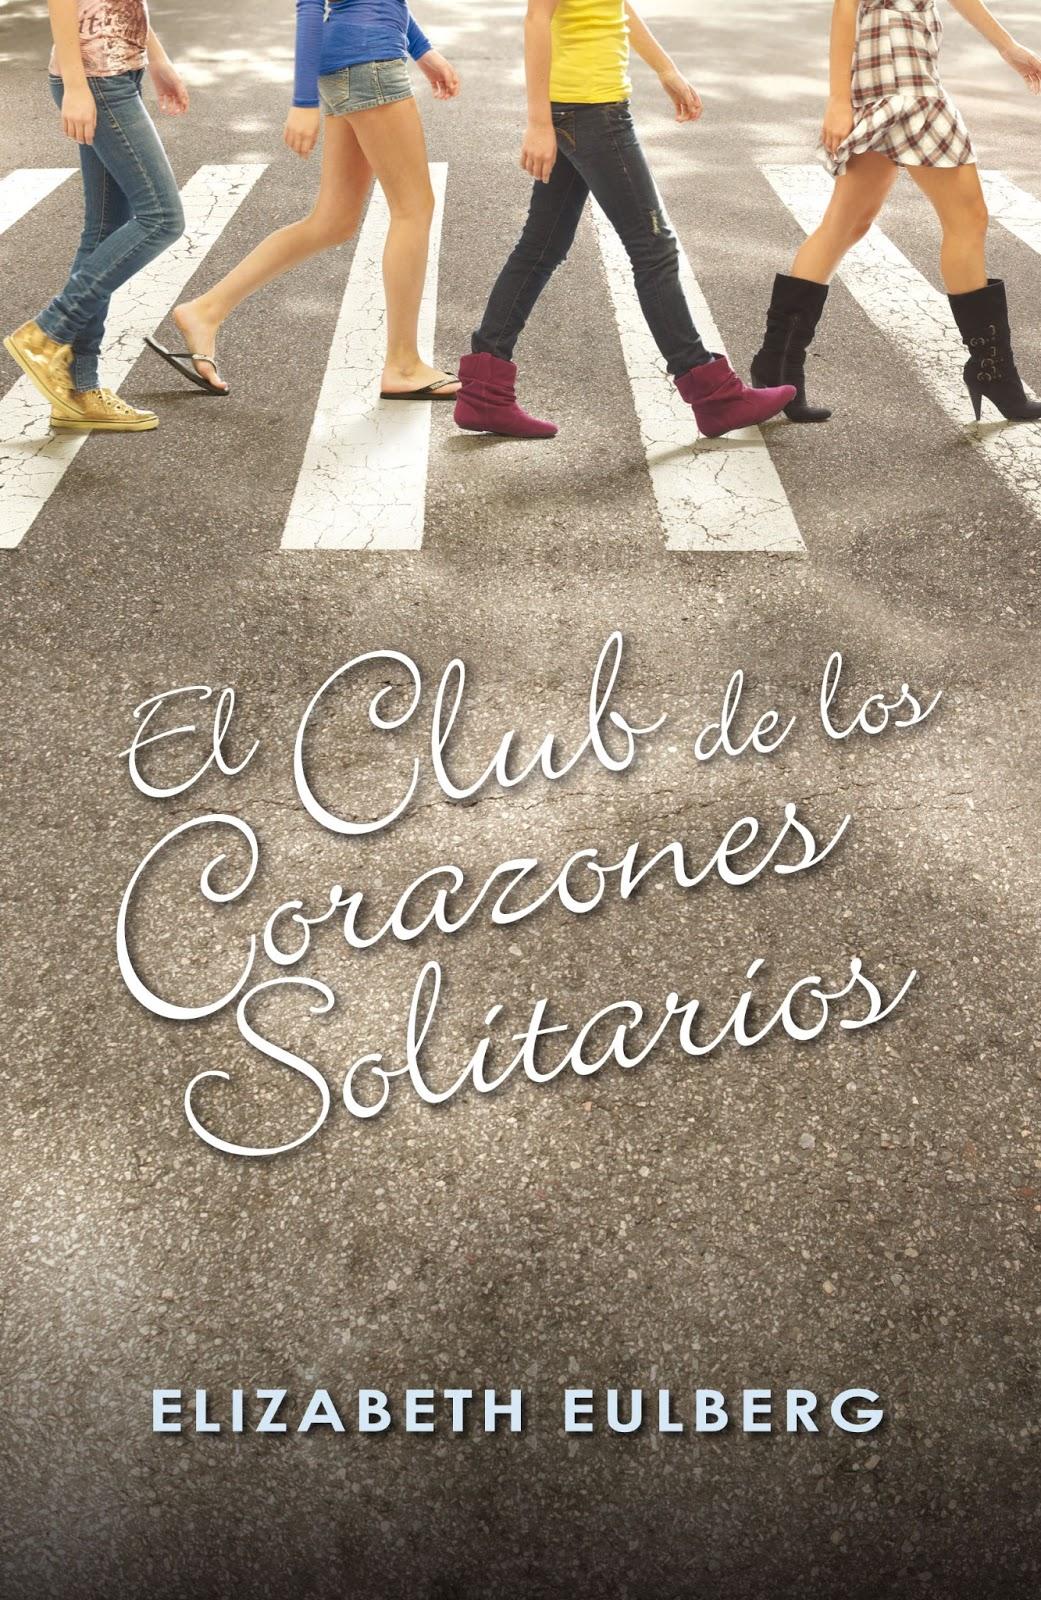 Resultado de imagen de El Club de los Corazones Solitarios, de Elizabeth Eulberg